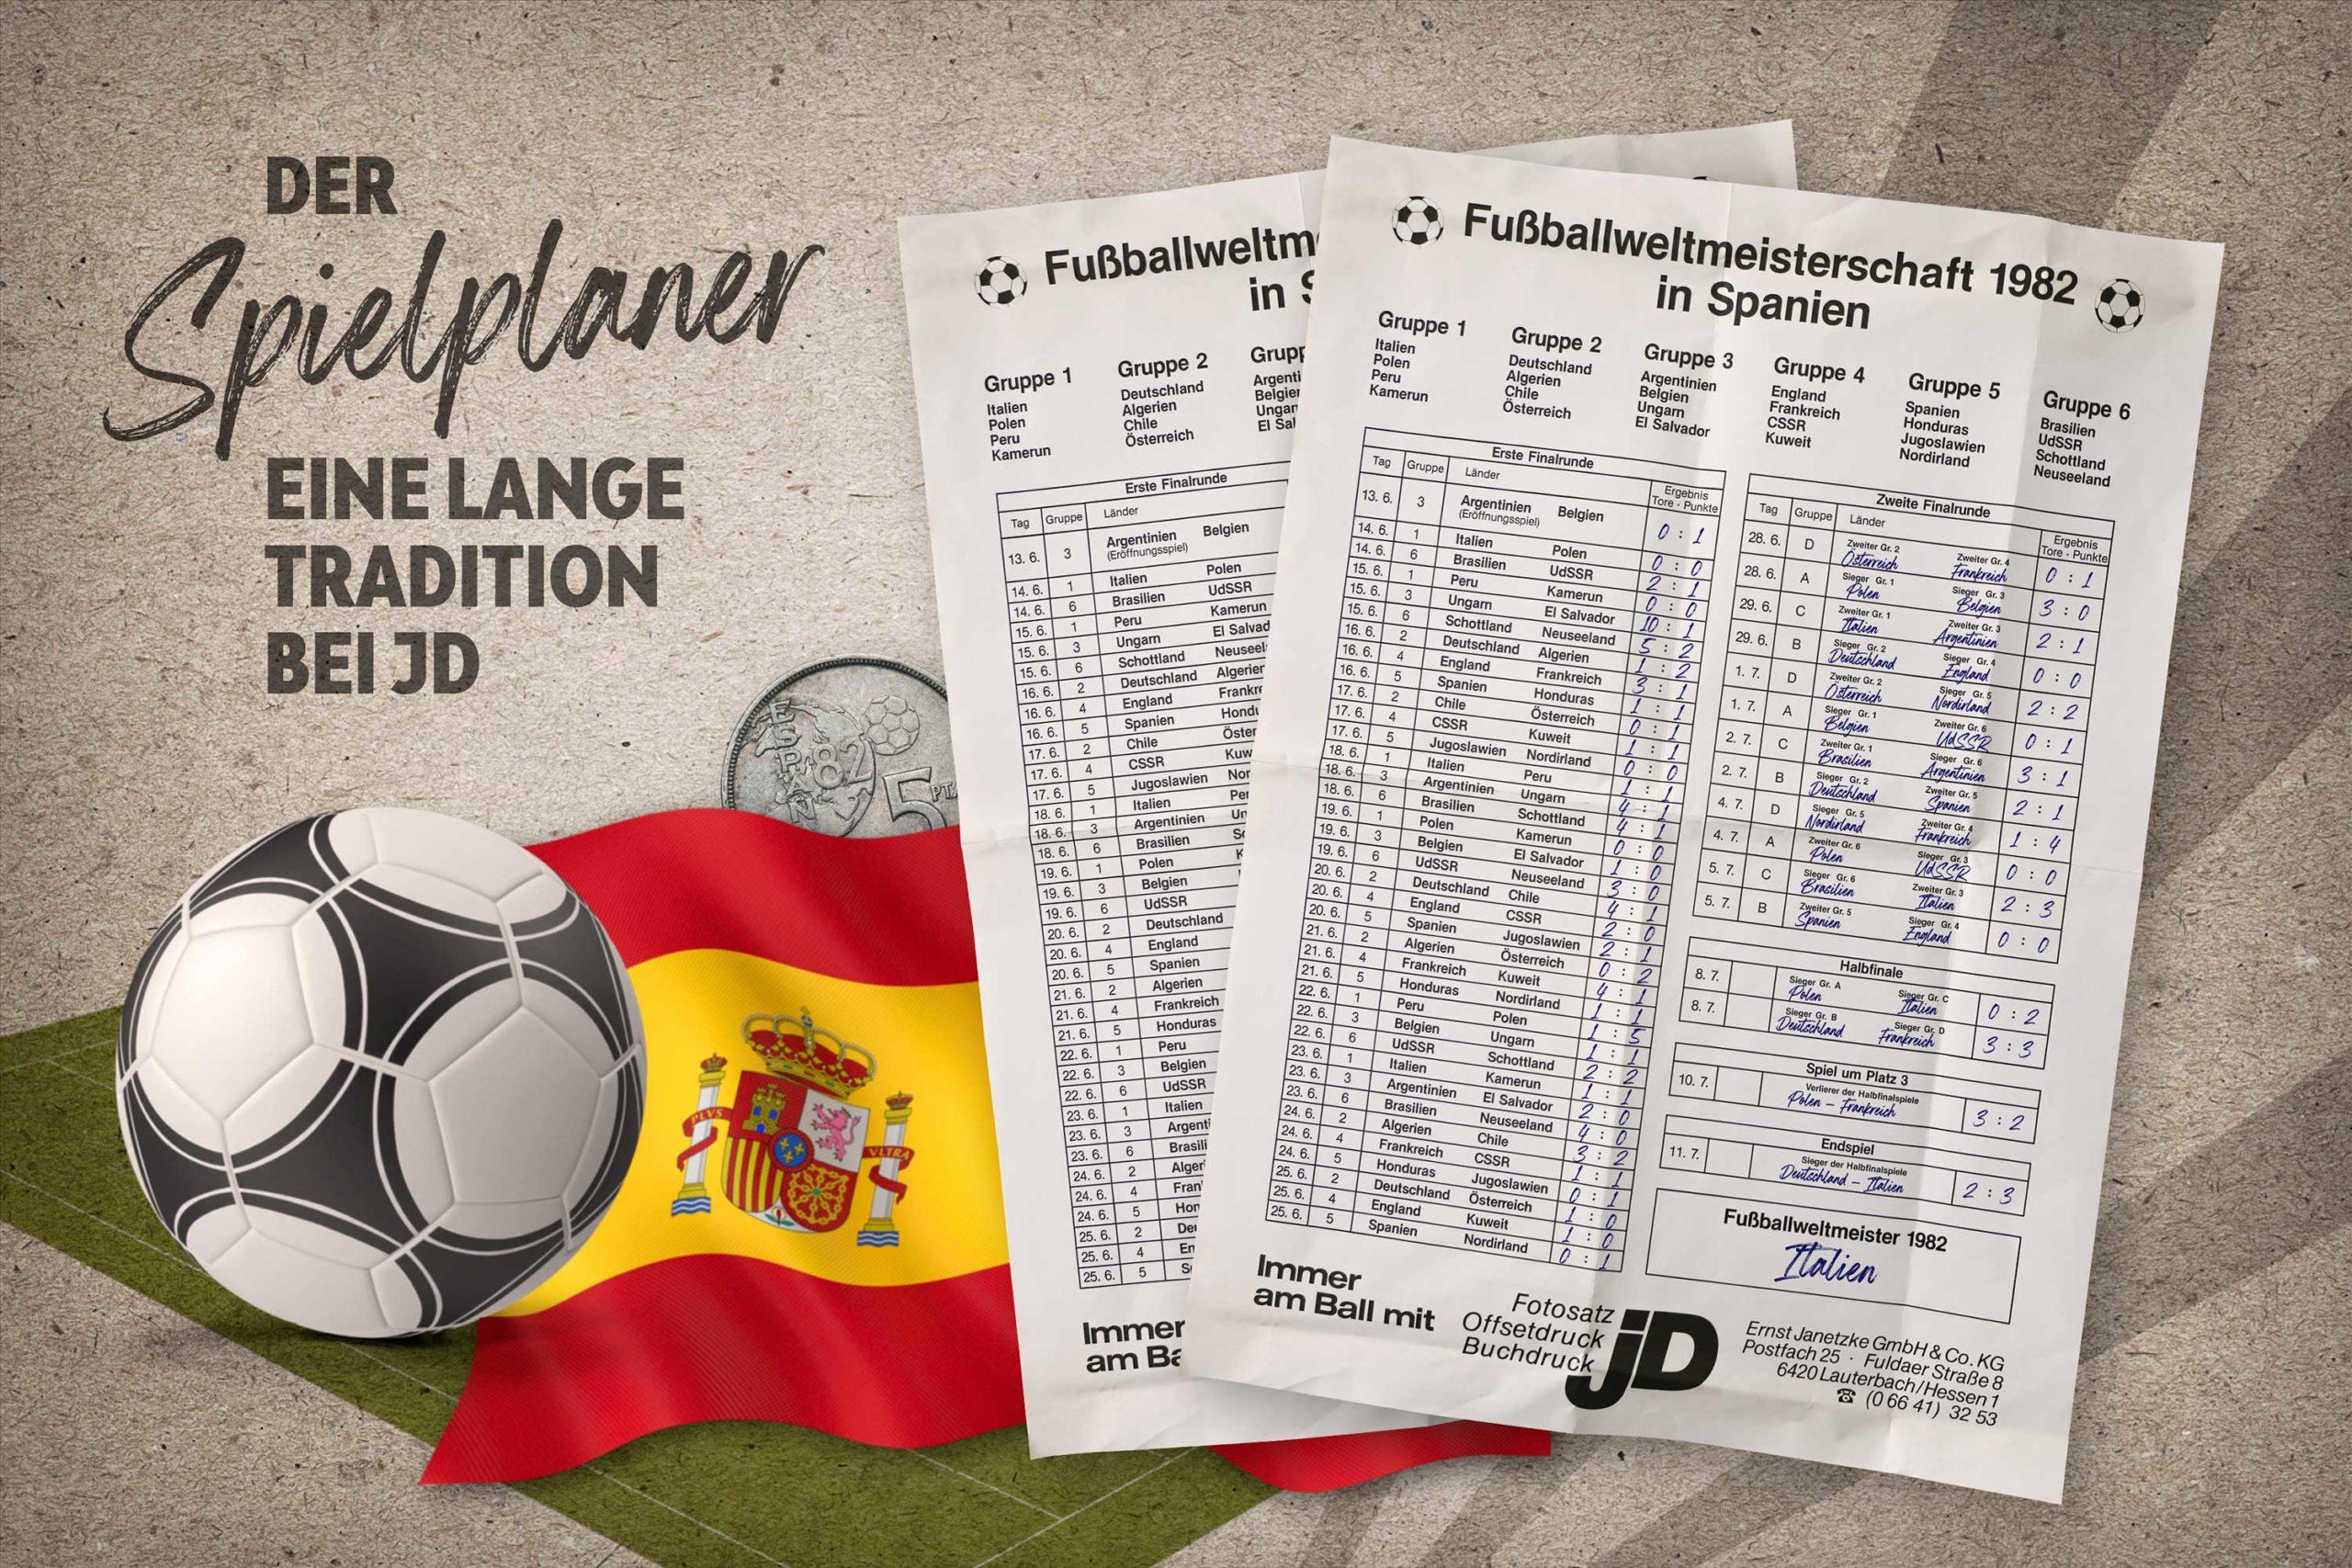 JD_Spielplaner_Fussball_Weltmeisterschaft_1982_Lange_Tradition_001